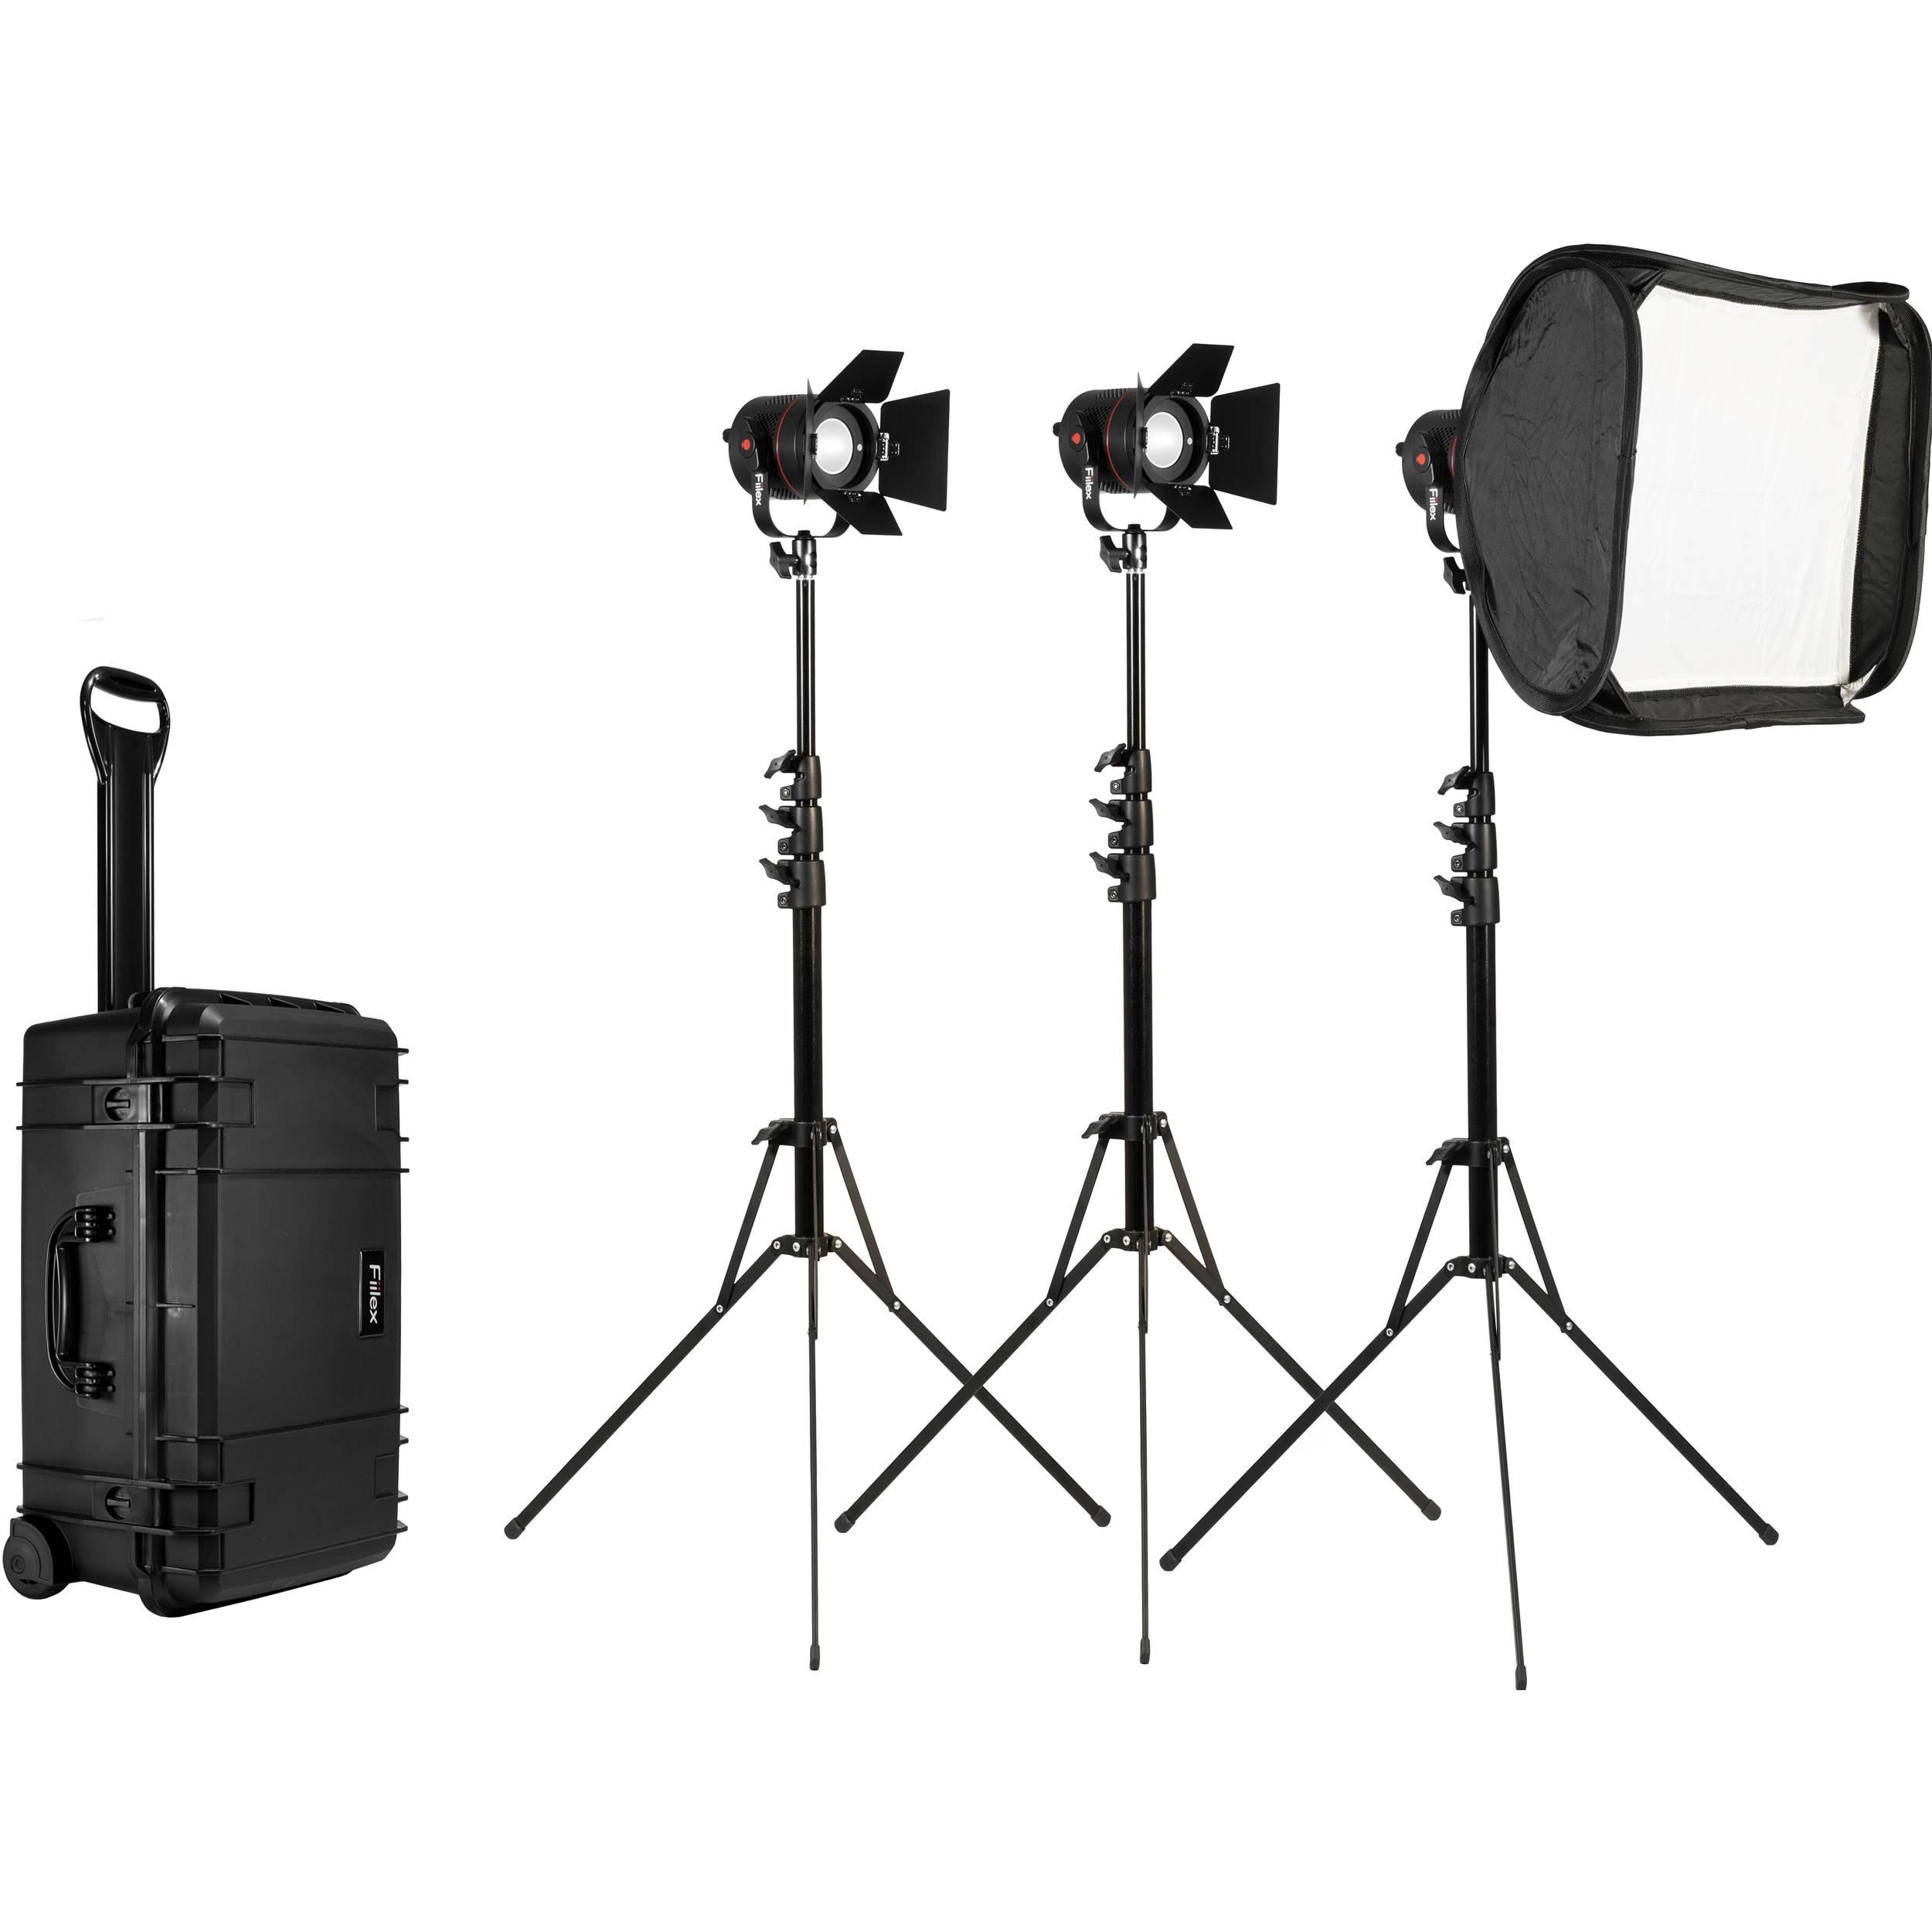 Fiilex K302 3-Light P360EX LED Lighting Kit  sc 1 st  Bu0026H & Fiilex K302 3-Light P360EX LED Lighting Kit FLXK302 Bu0026H Photo